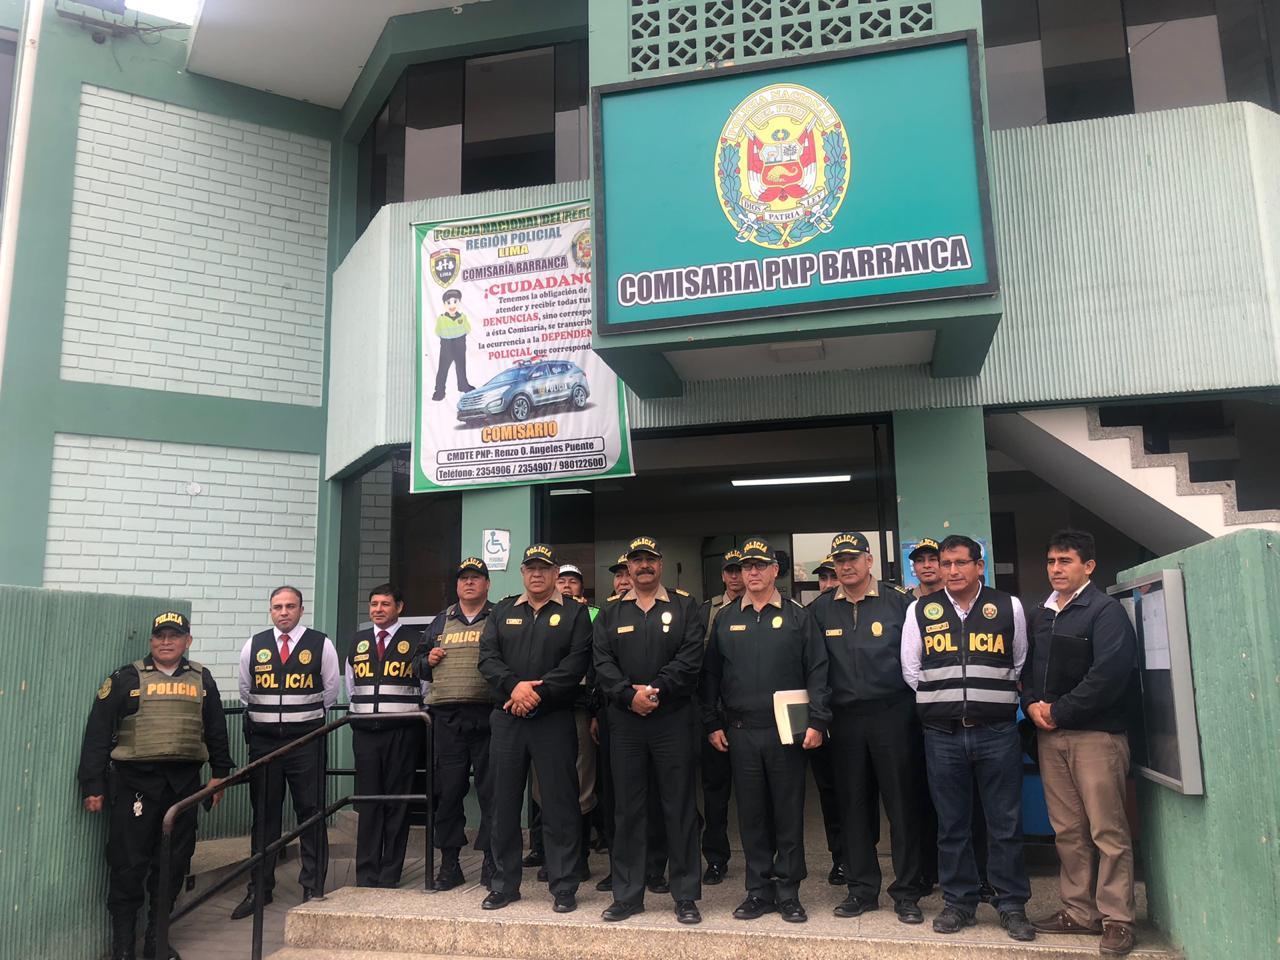 PNP instalará nueva comisaría en Pativilca y anuncia 'shock de seguridad' en Norte Chico